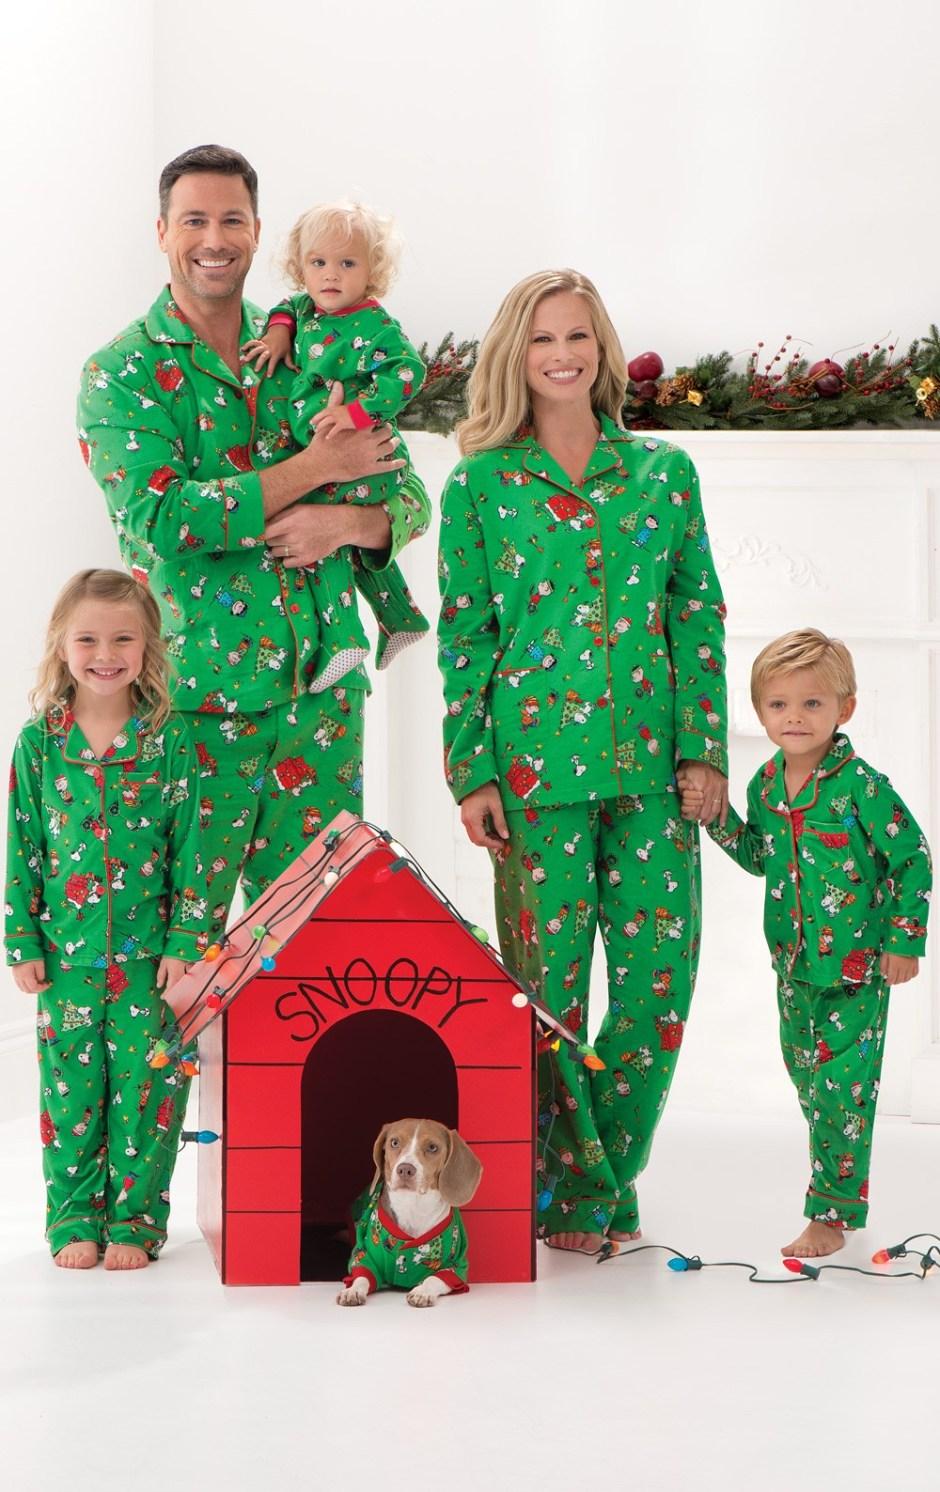 Charlie Brown Christmas Matching Family Pajamas from Pajamagram